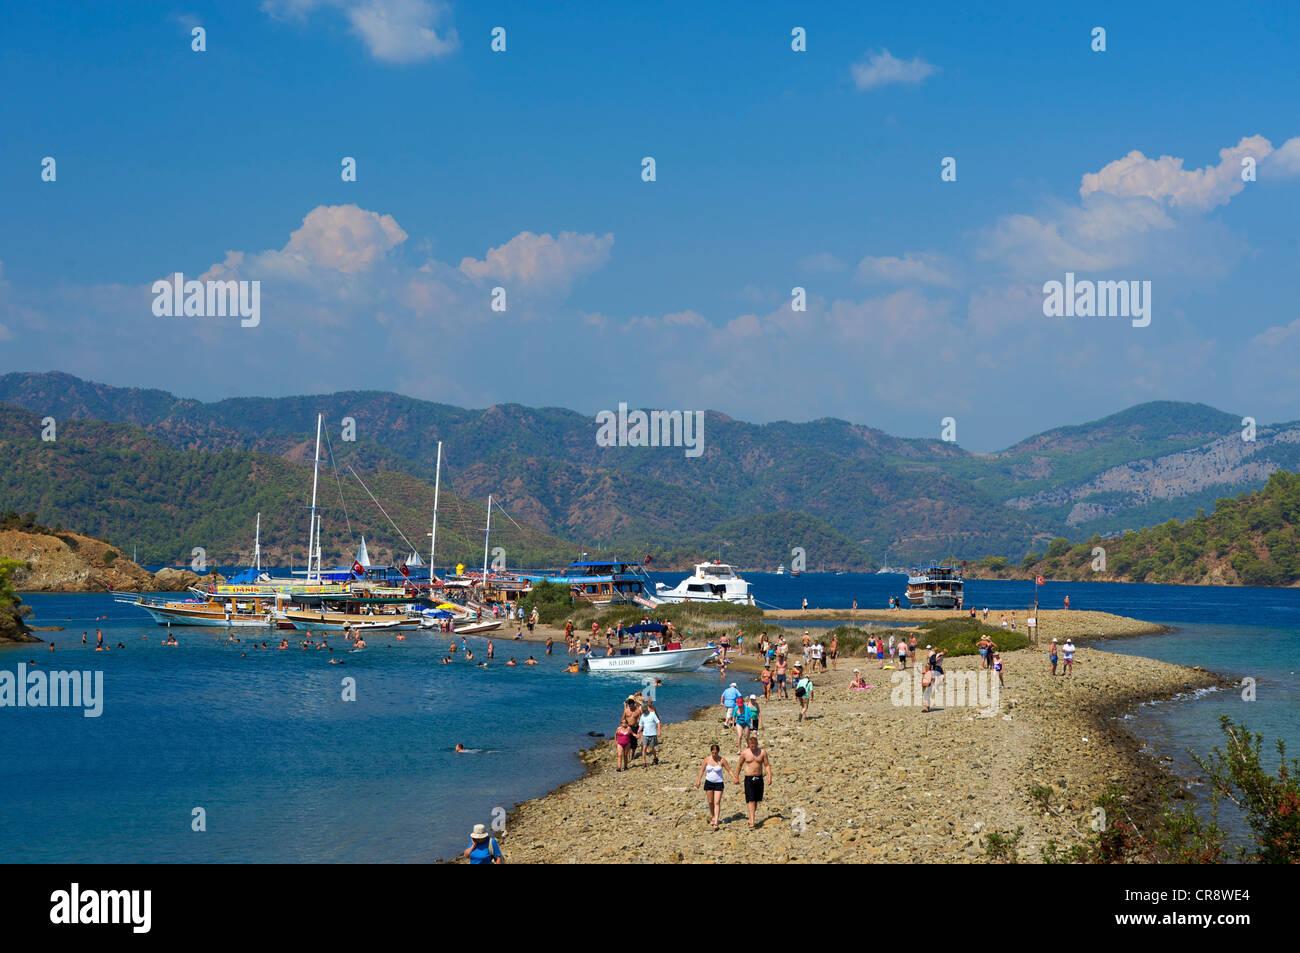 Adlar calis beach island, adlar, 12 island excursion, fethiye